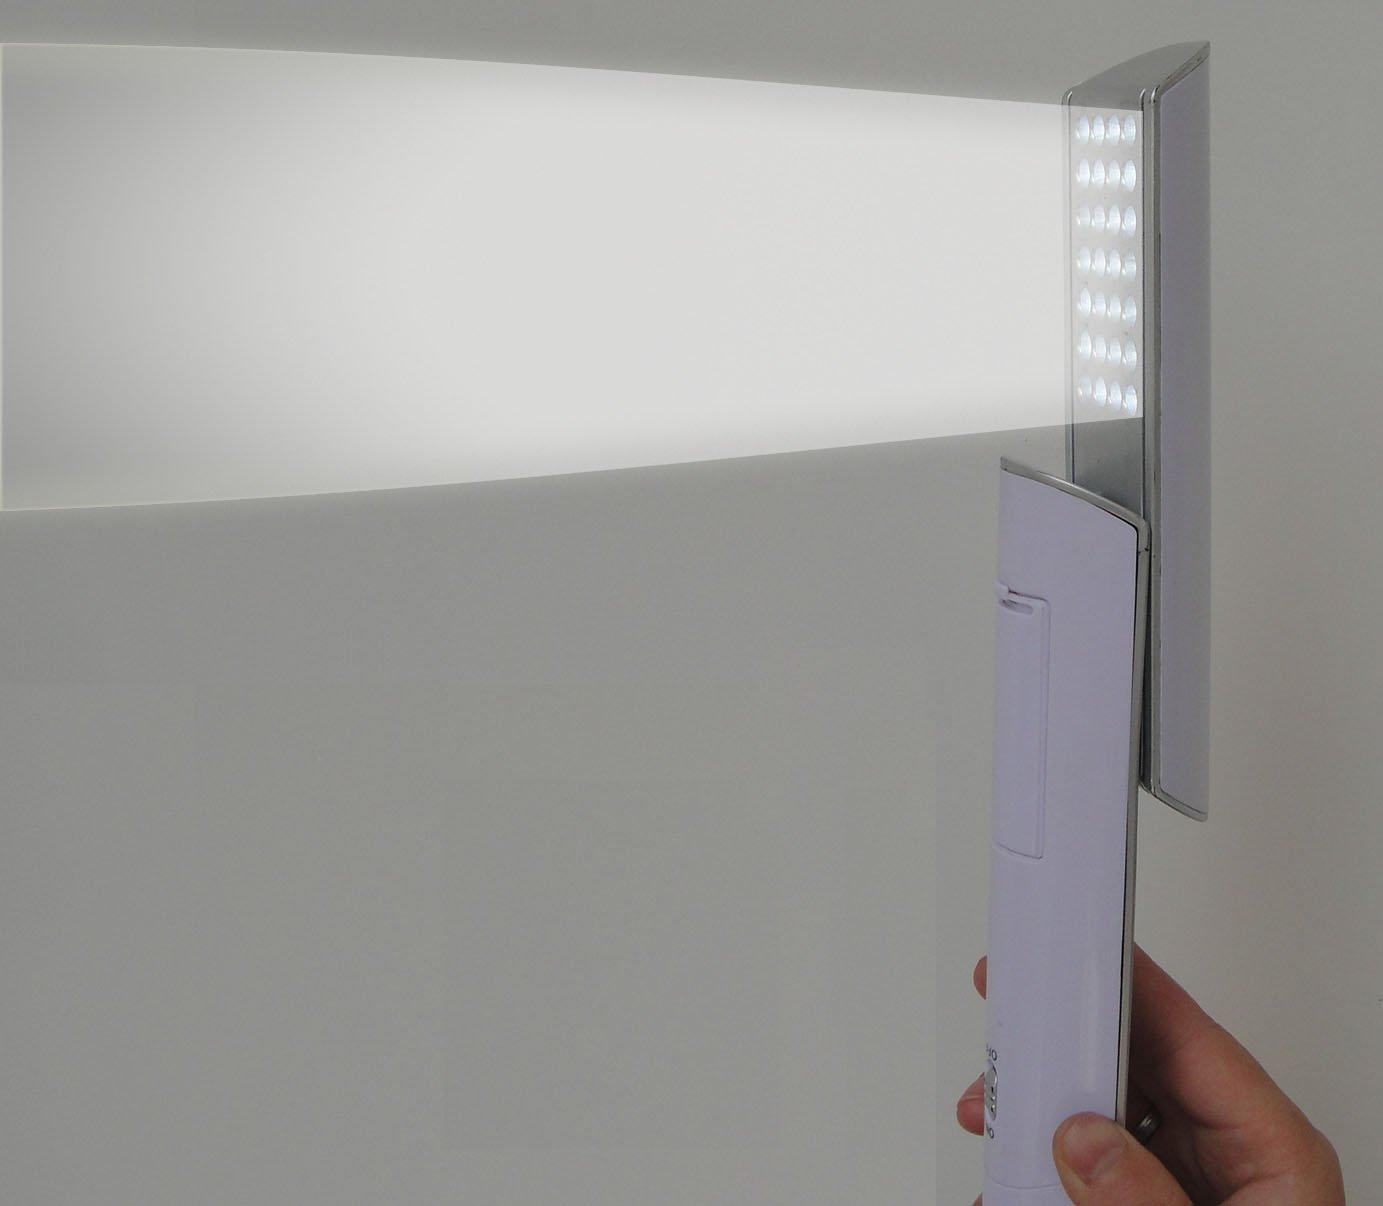 2-in-1 Portable Dry battery LED Desk Light